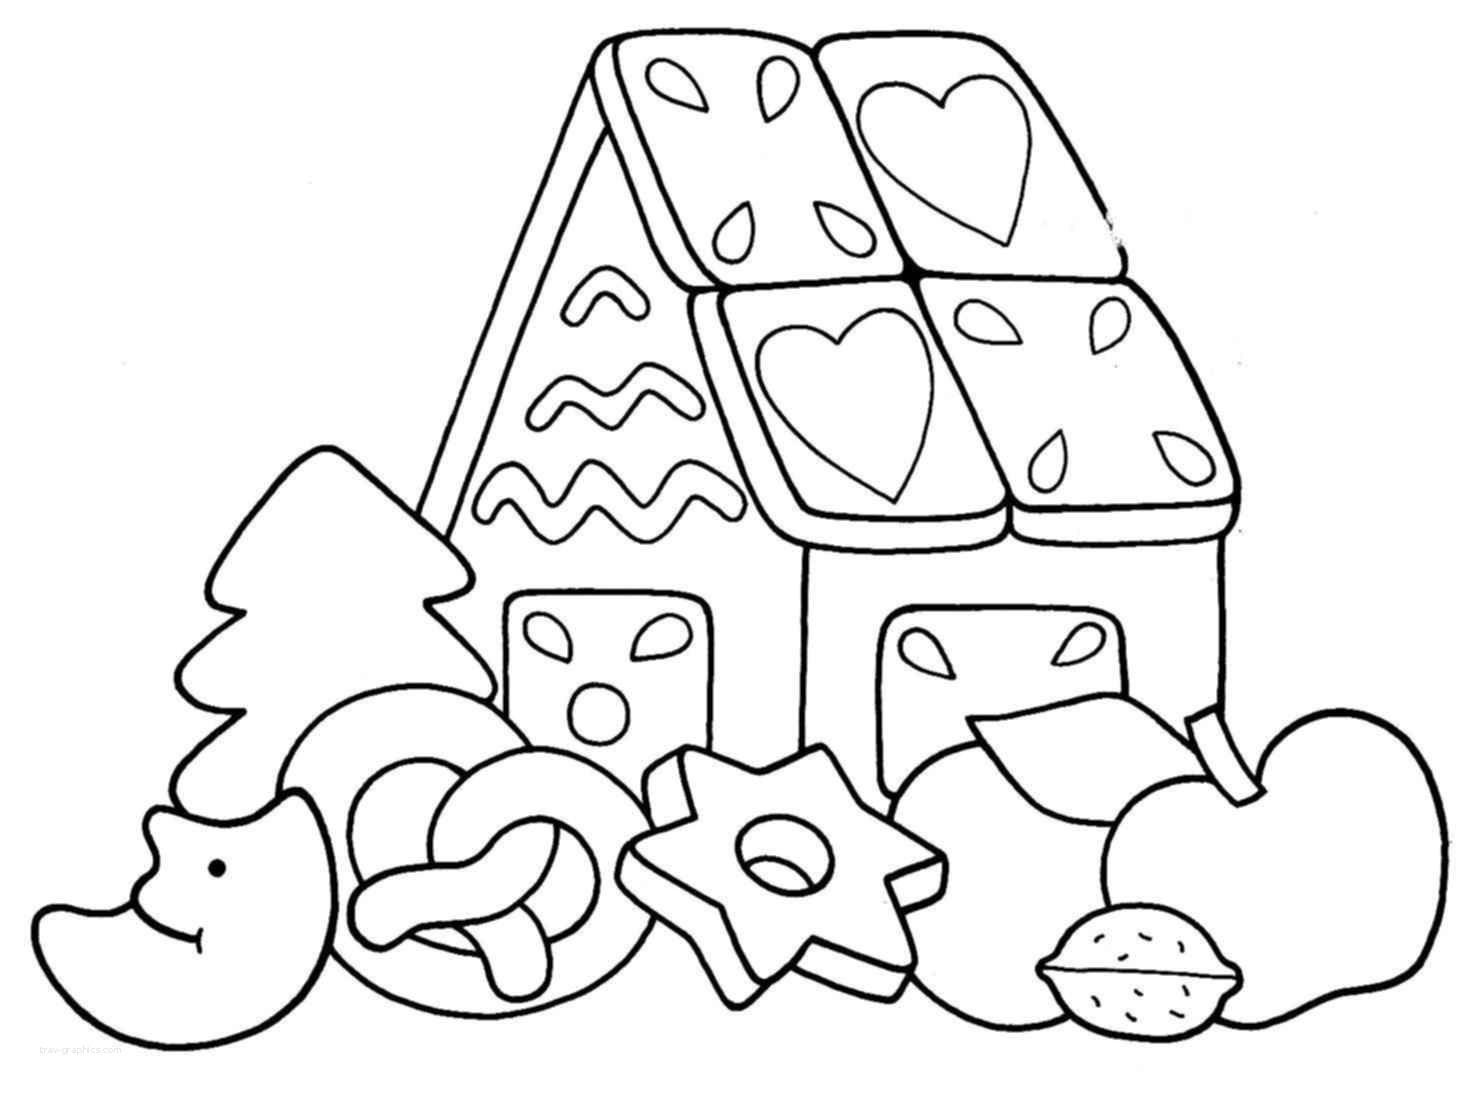 Jahre Kiddimalseite Malvorlagen Malvorlagen für Kinder